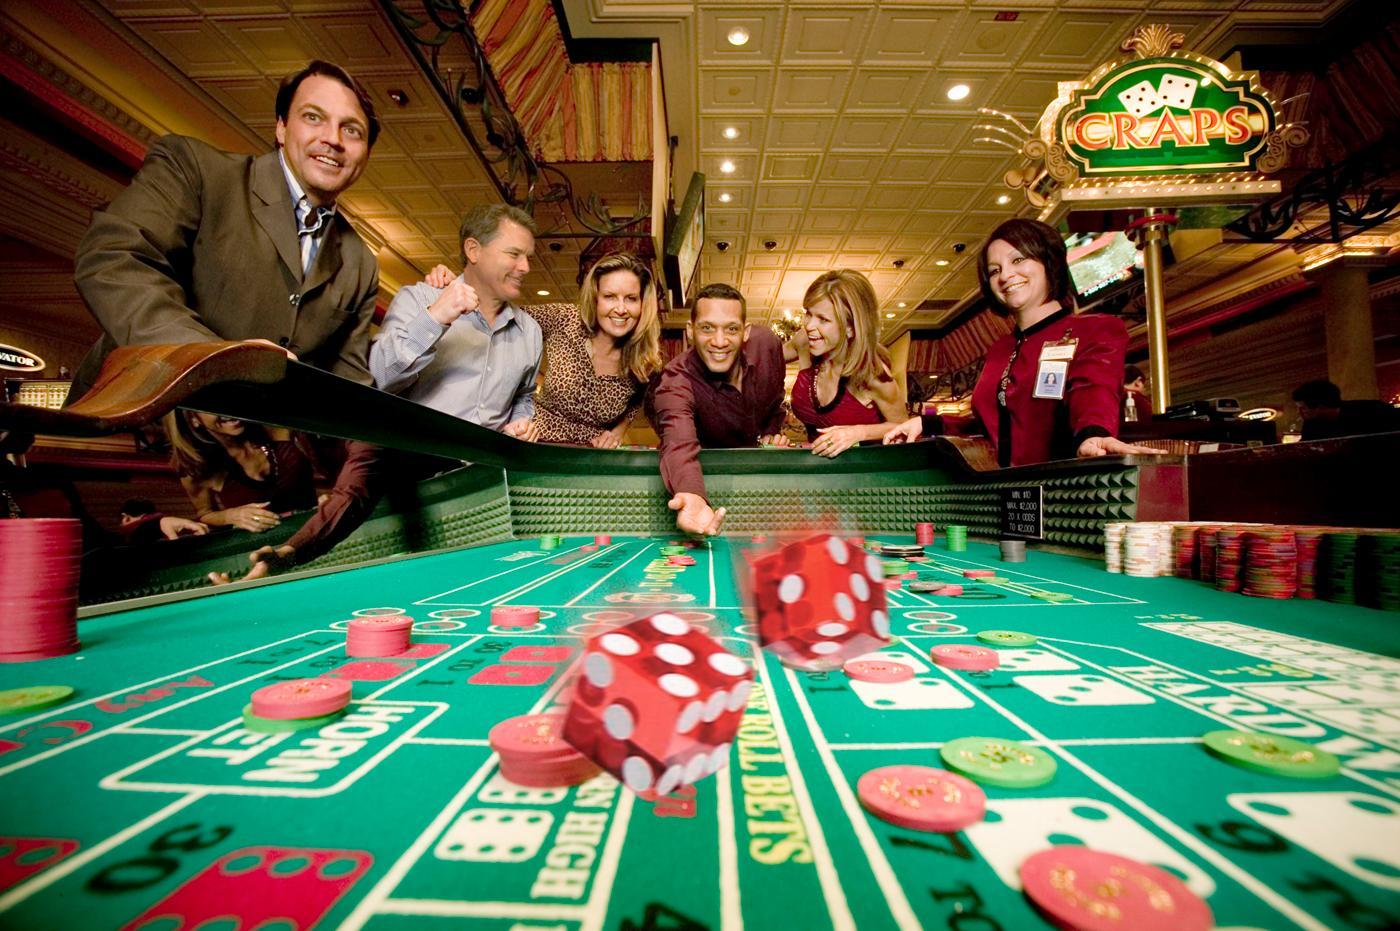 Jeux casino : bien choisir